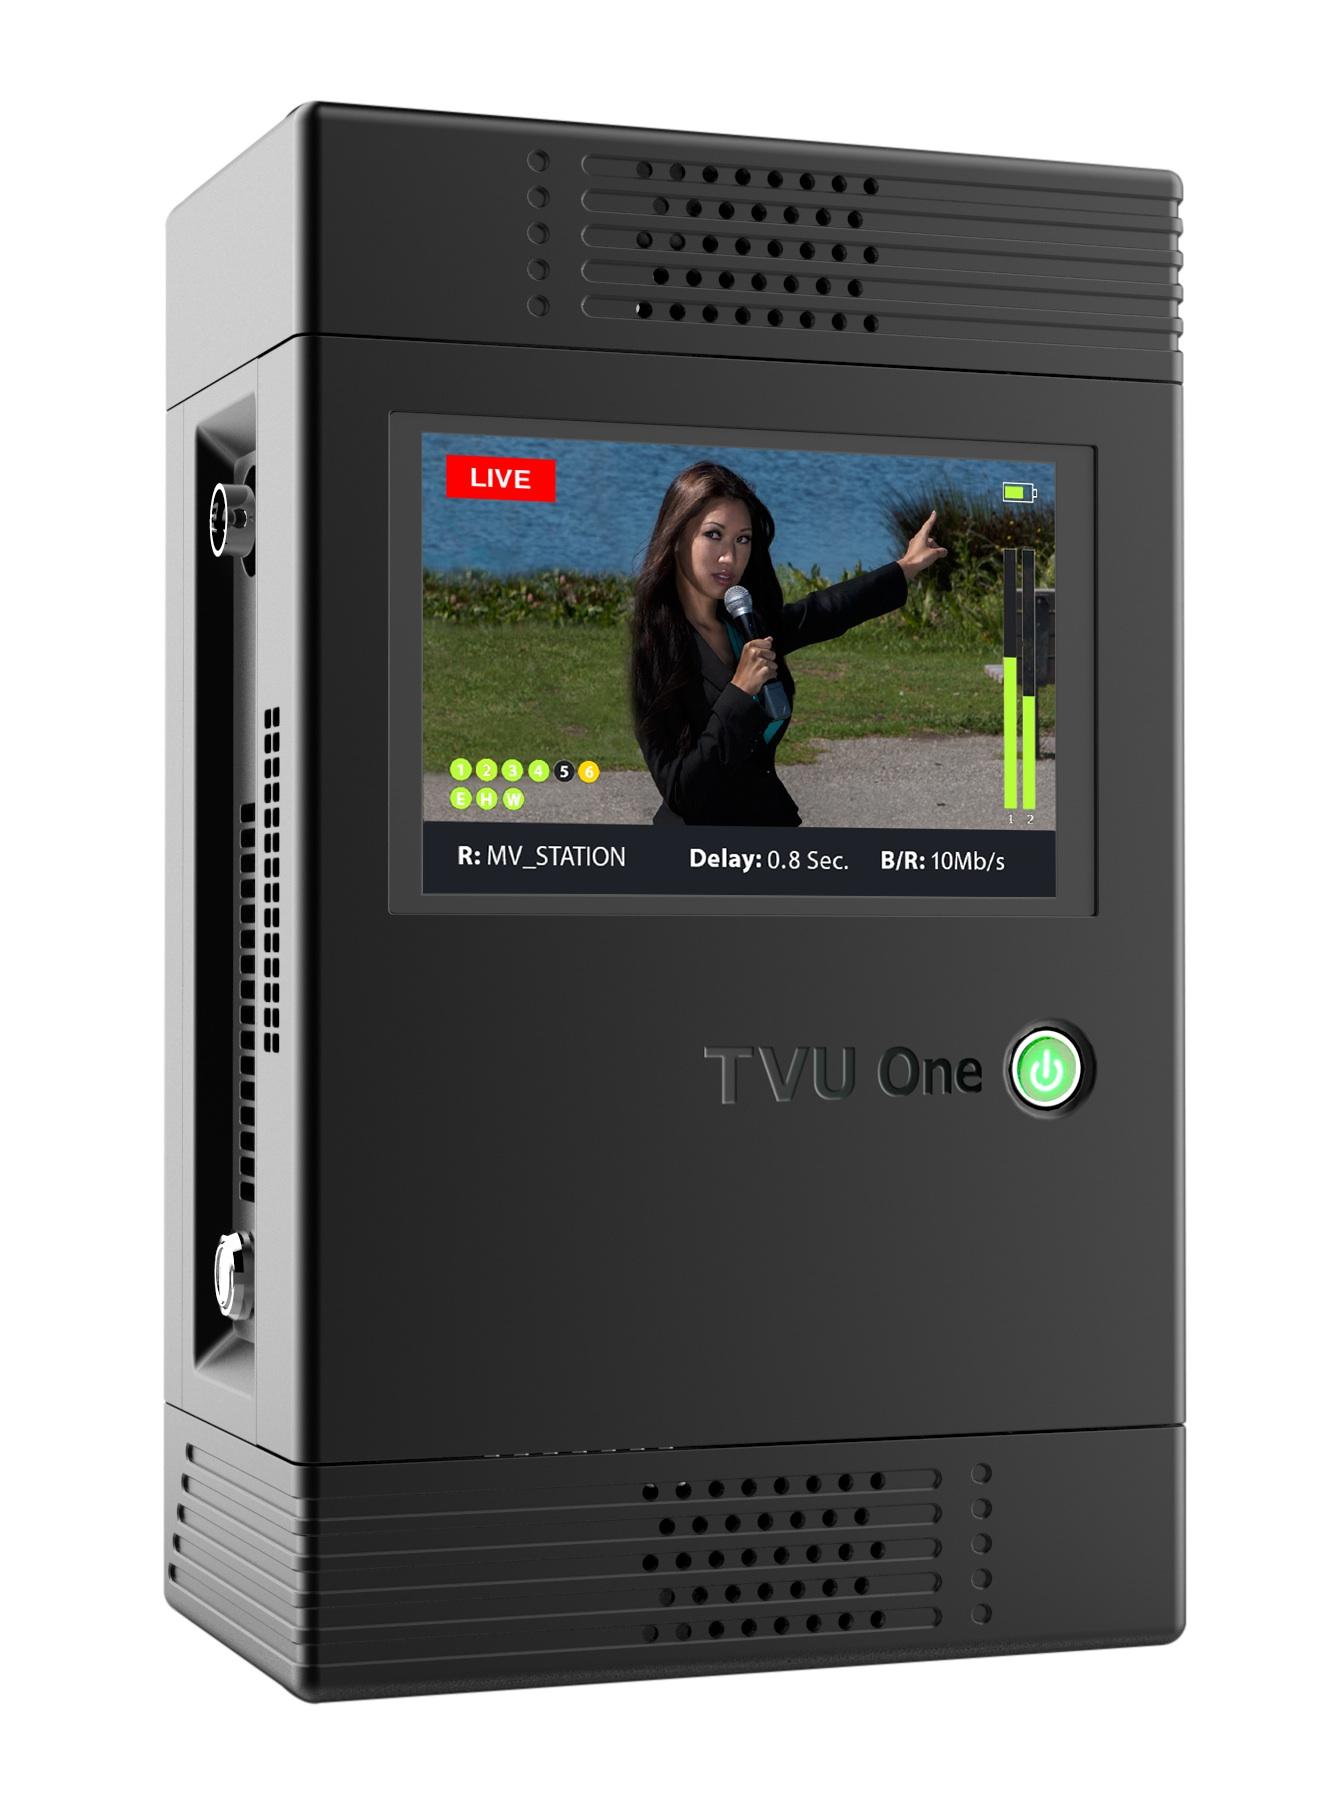 9e9dcbecb8e8 TVU Networks TM960 | Encoder 3G 4G | Live Video Equipment | Produc ... - New